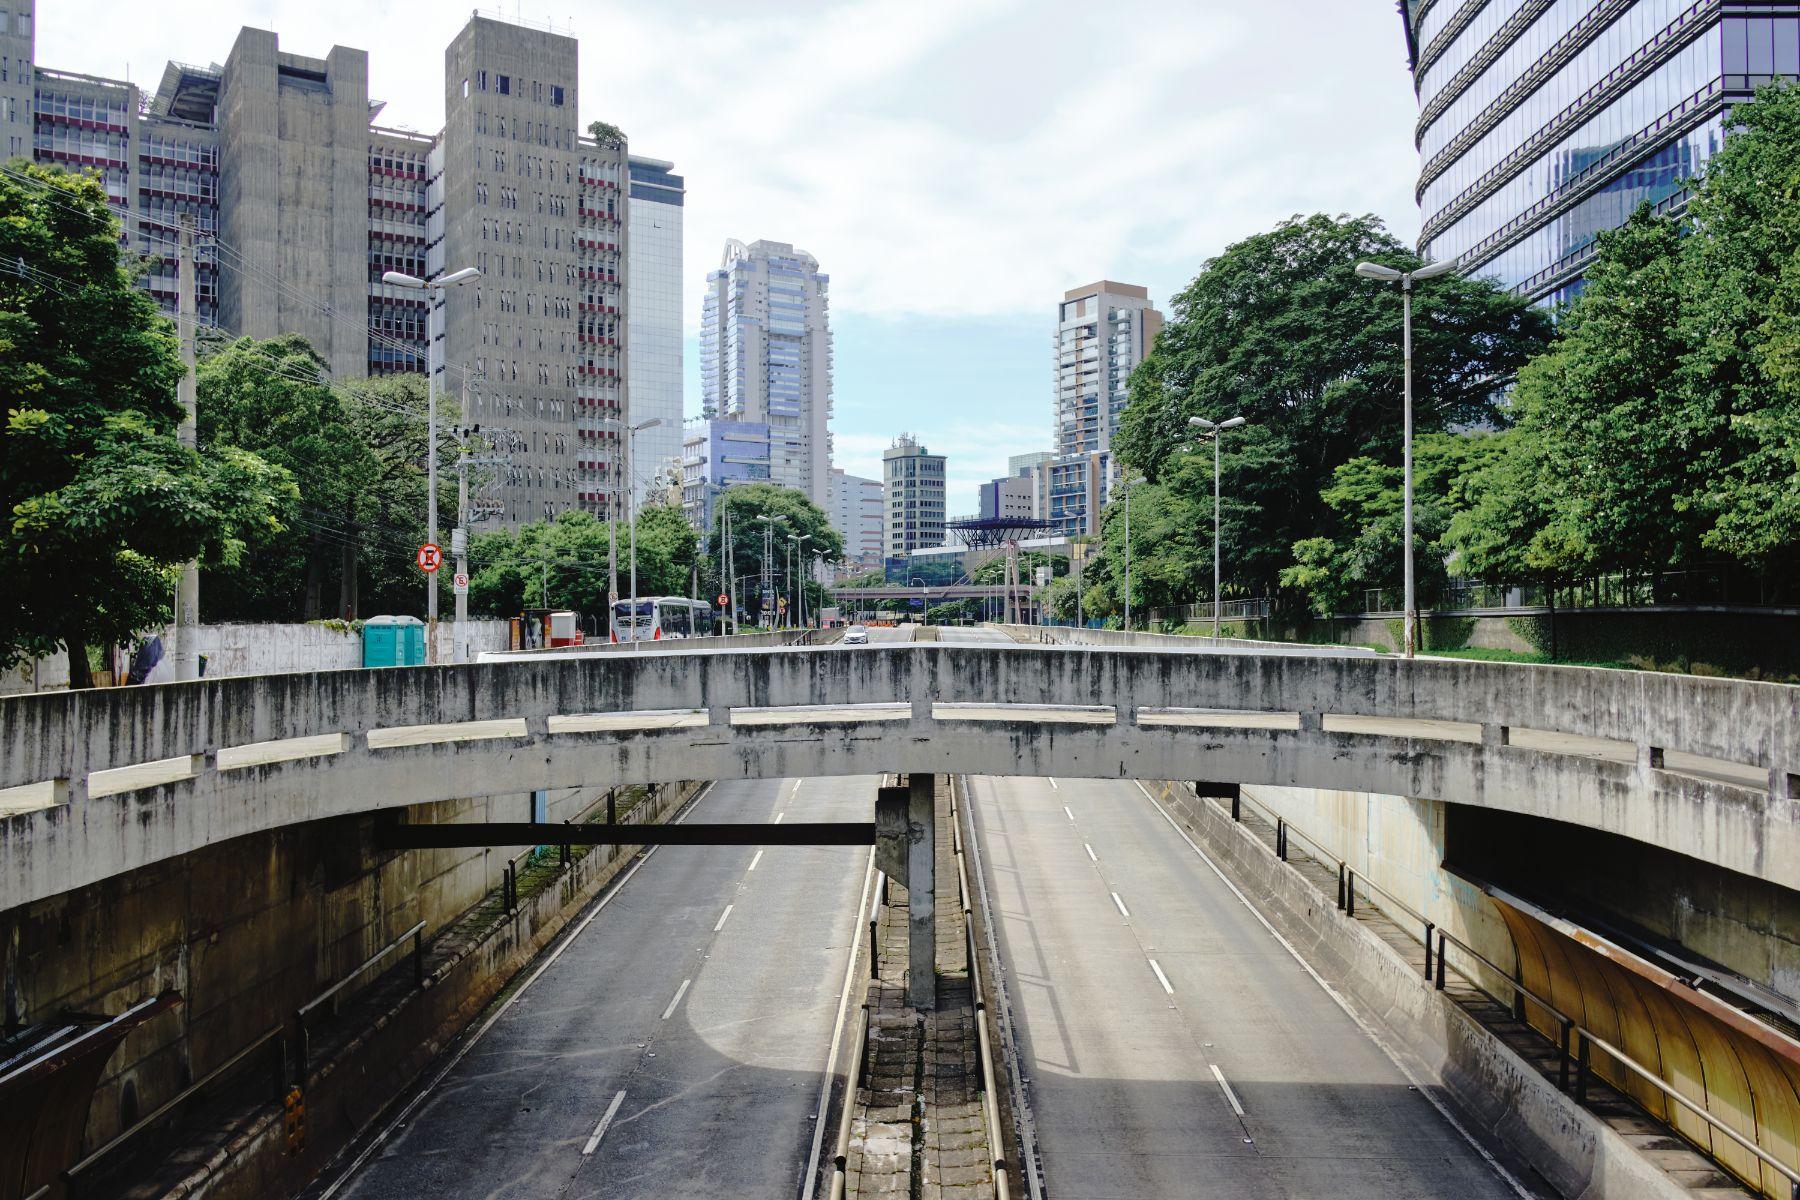 avenida vazia em sao paulo em razao do lockdown por causa da pandemia do novo coronavirus